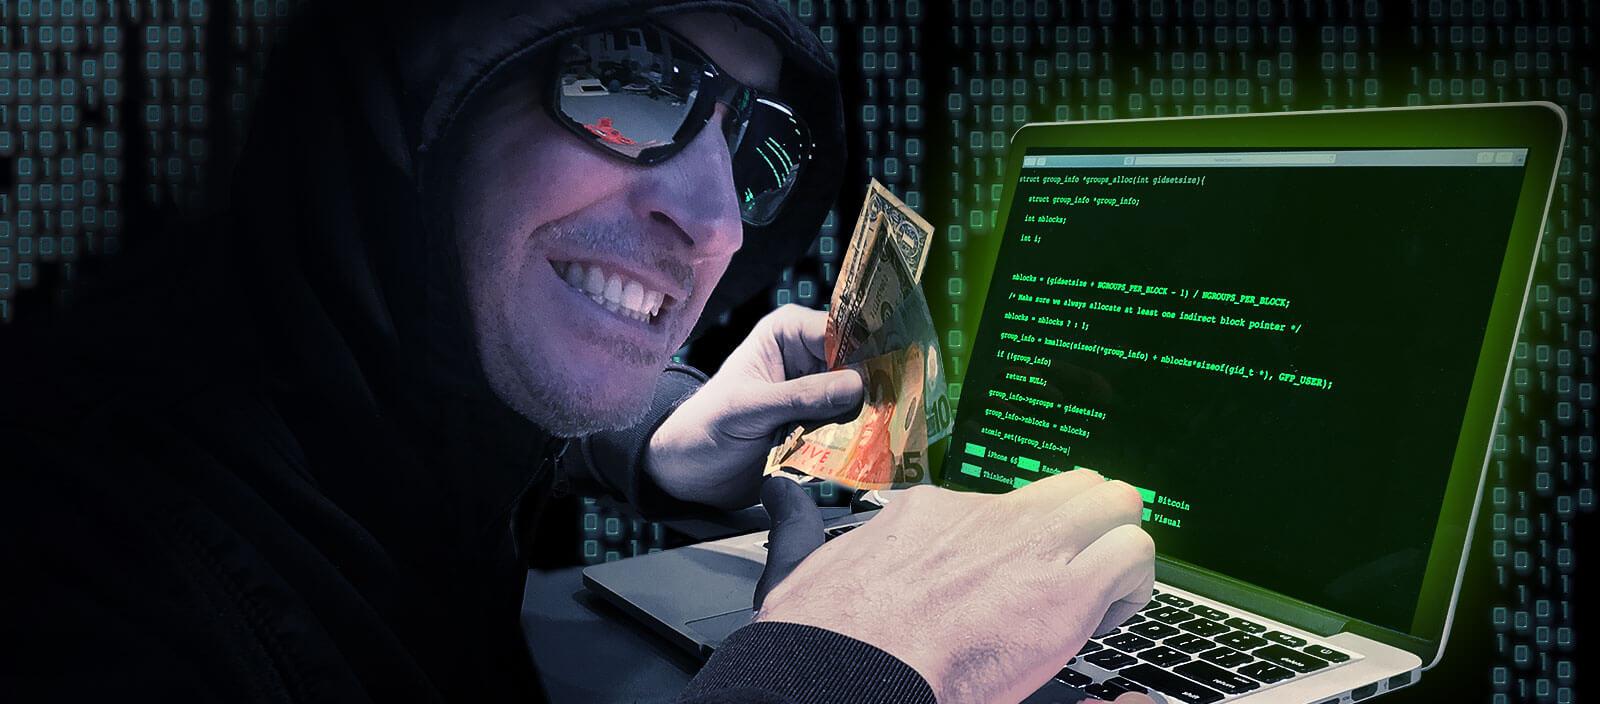 Hình ảnh hacker đời thực